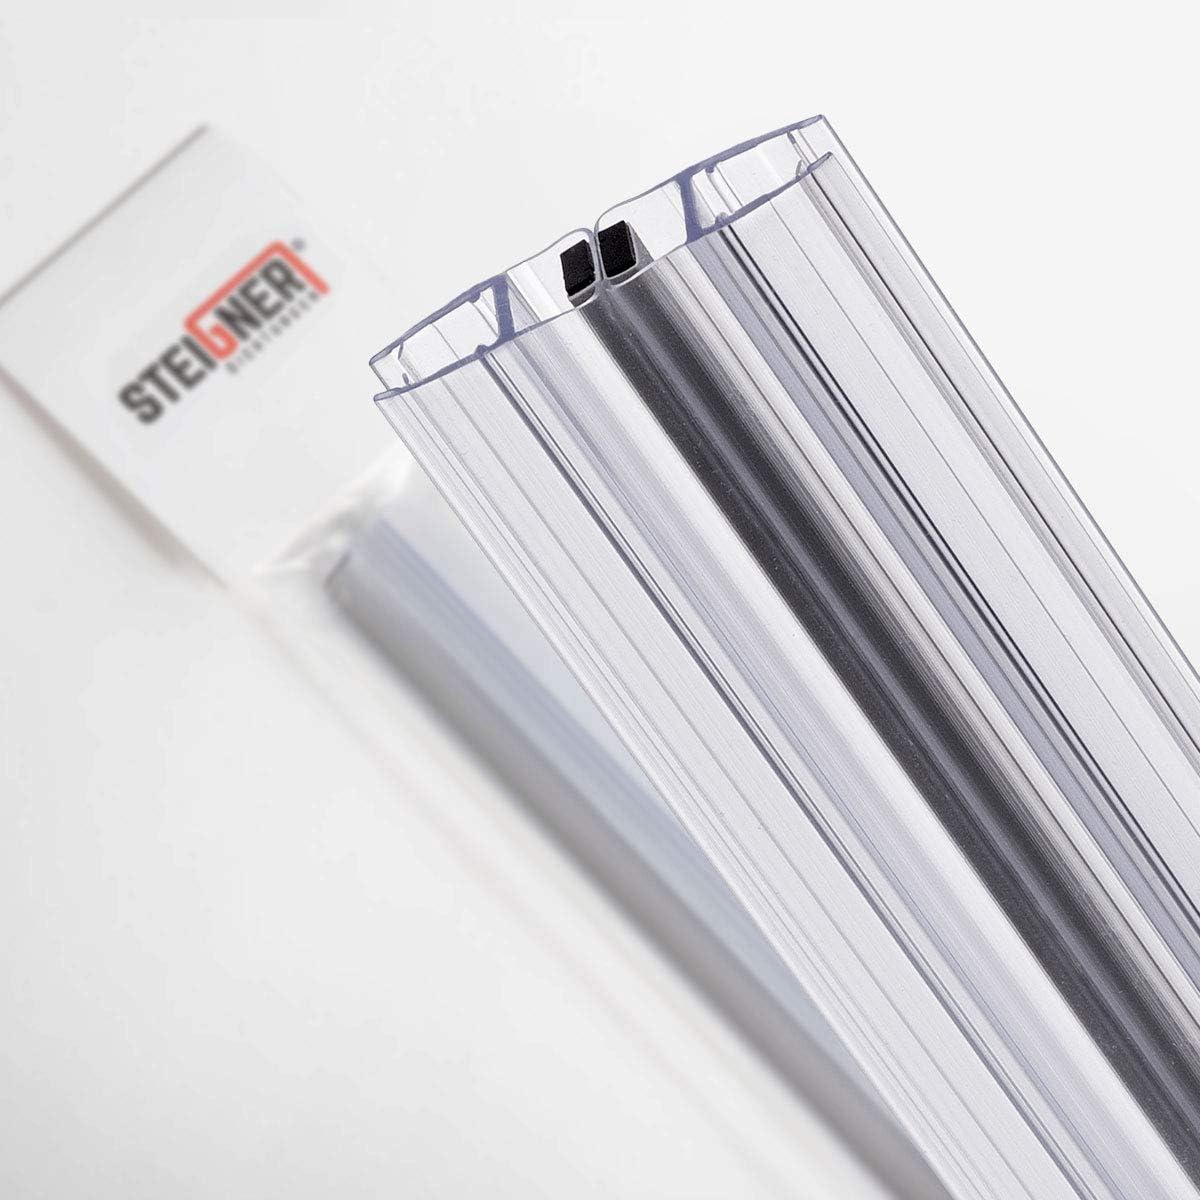 7 mm STEIGNER Kit de Joints Magn/étiques pour les Vitres d/'une /Épaisseur 6 mm 2 pi/éces 8 mm UKM02 180/° 187 cm